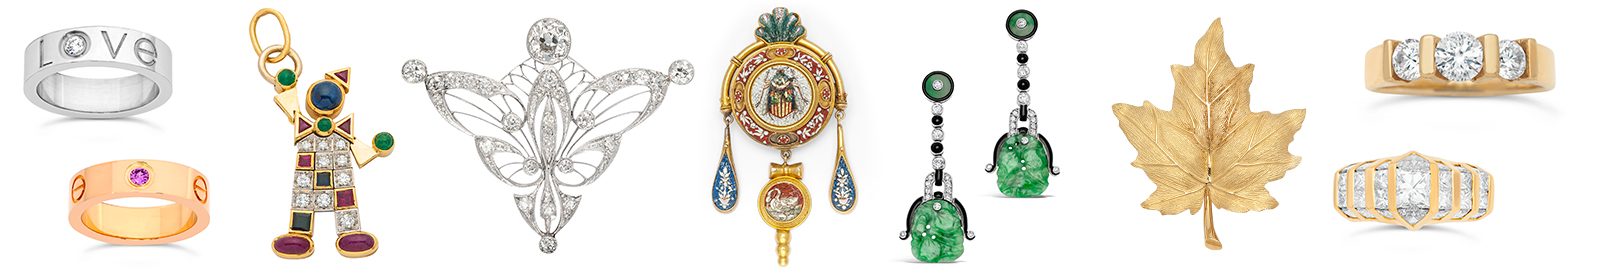 Online Jewels Auction